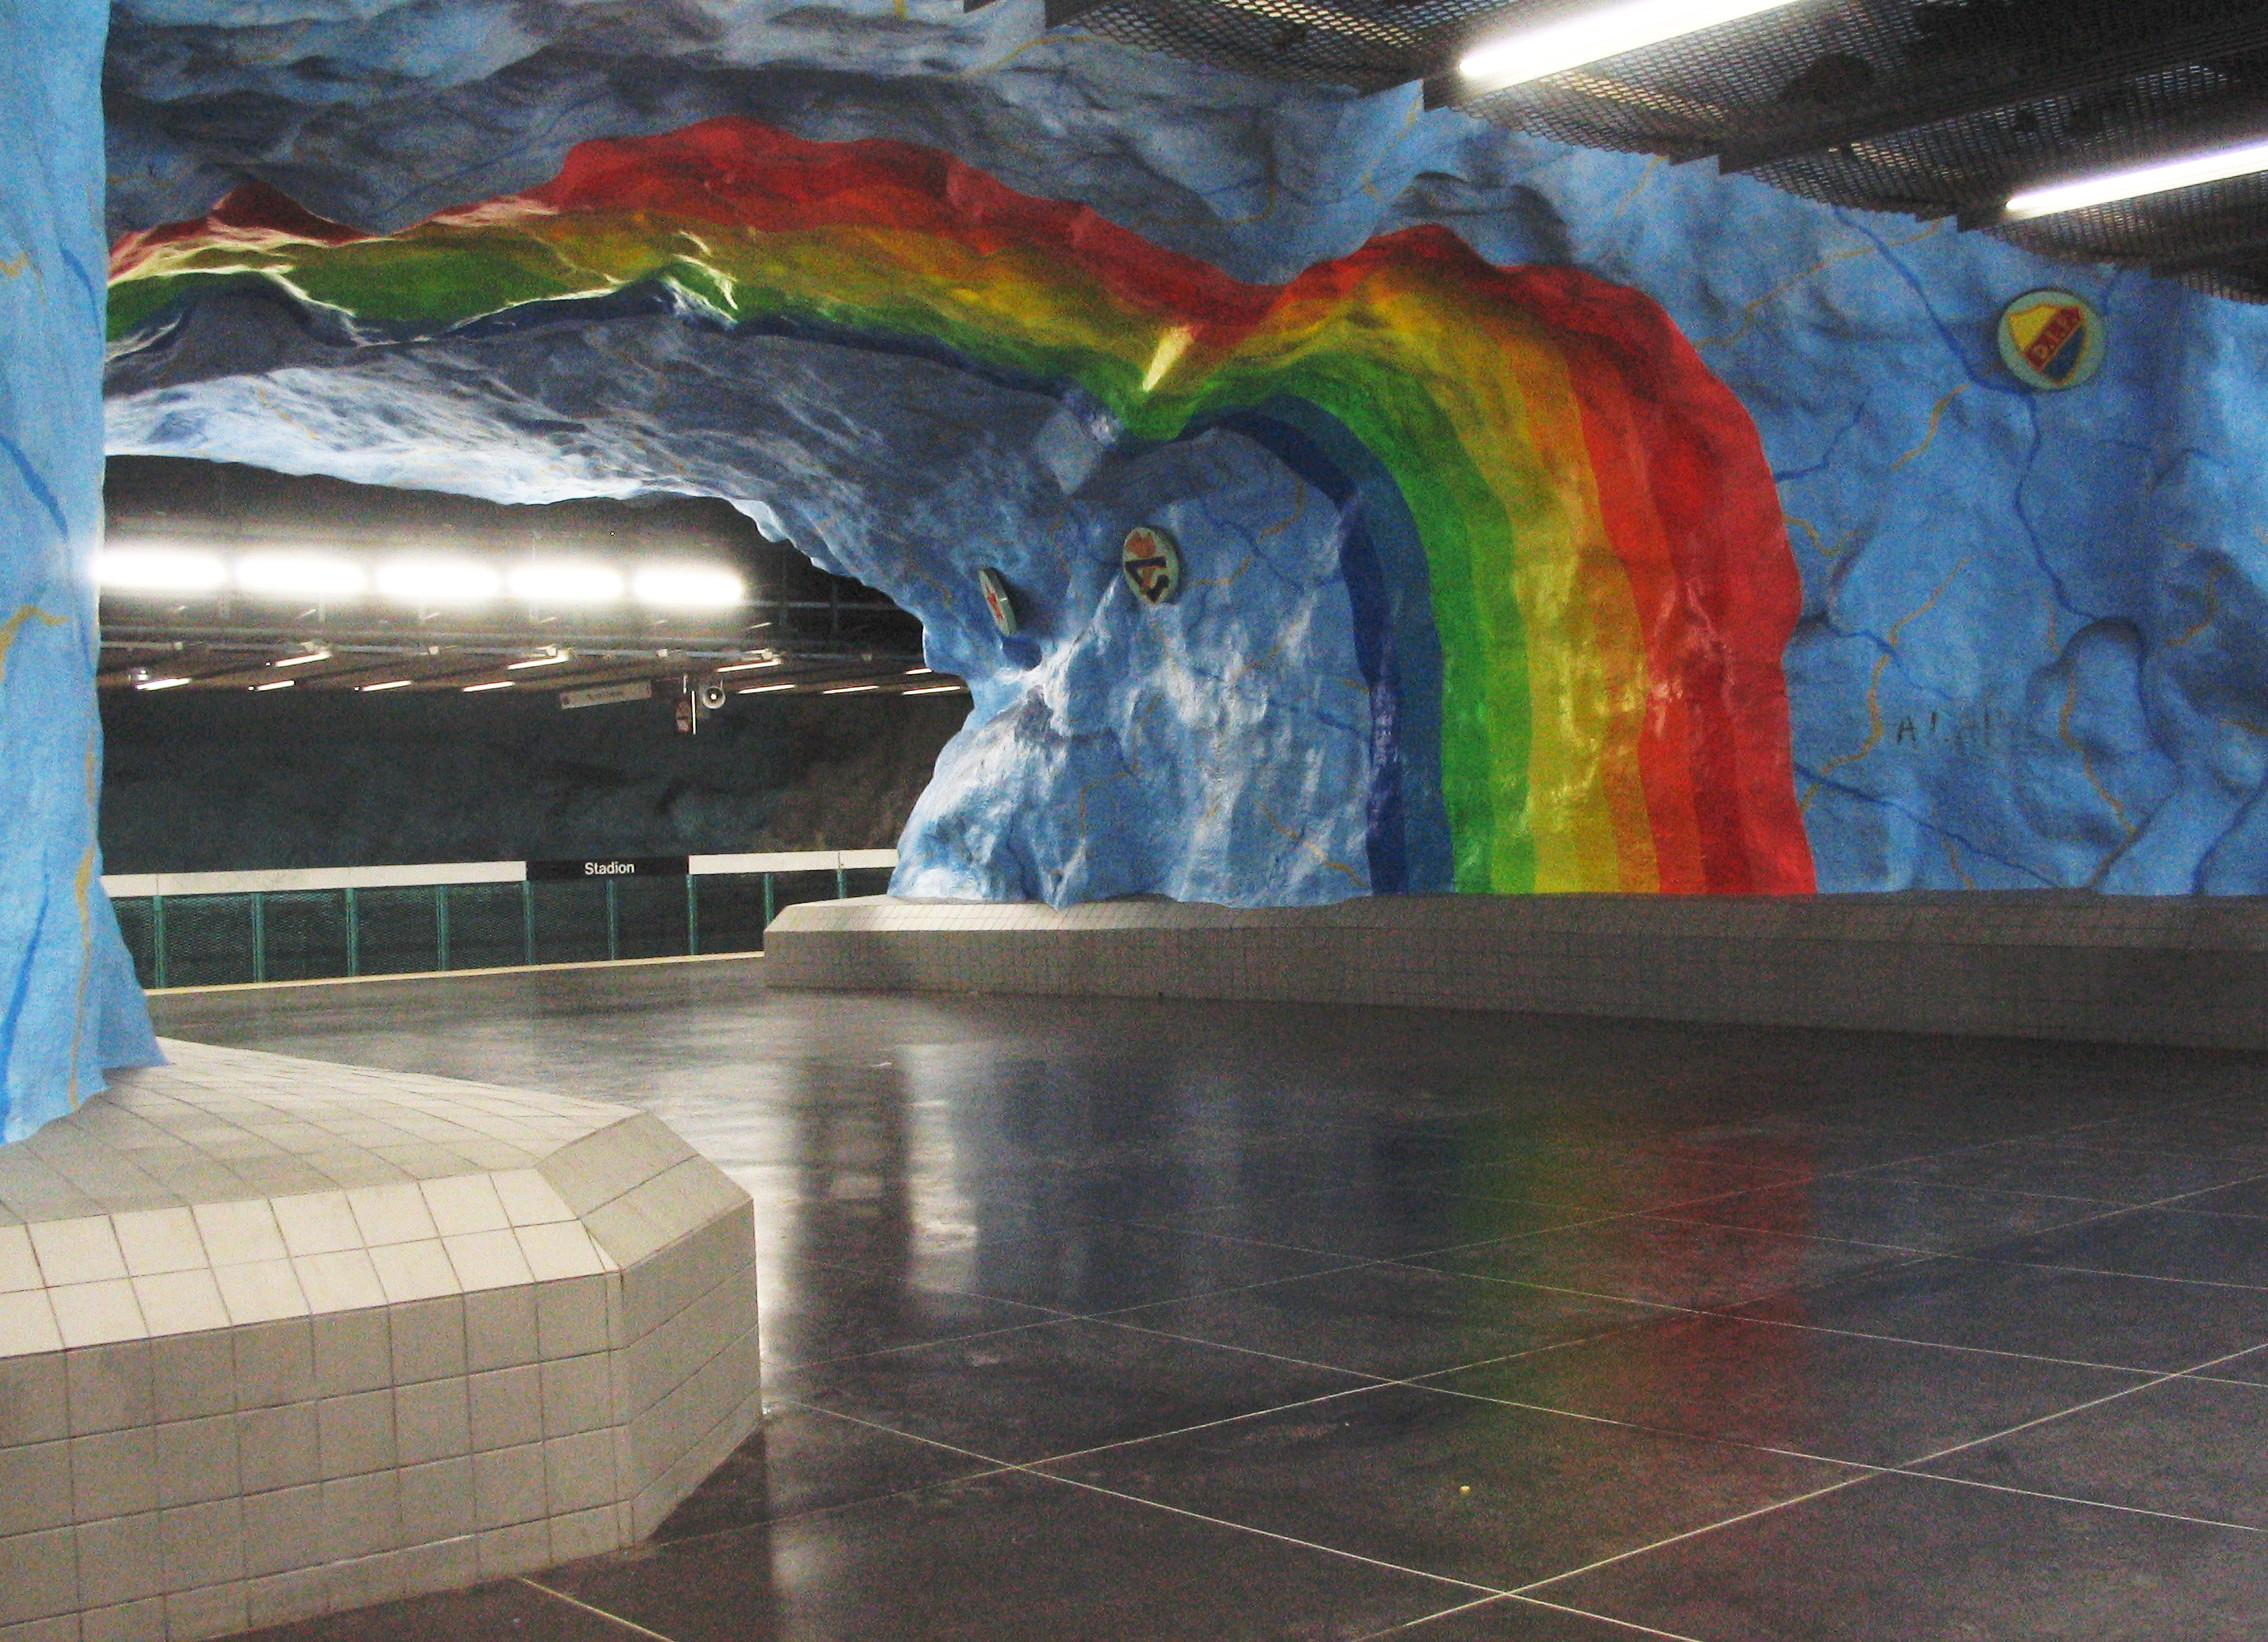 Stadion Station em Estocolmo, Suécia